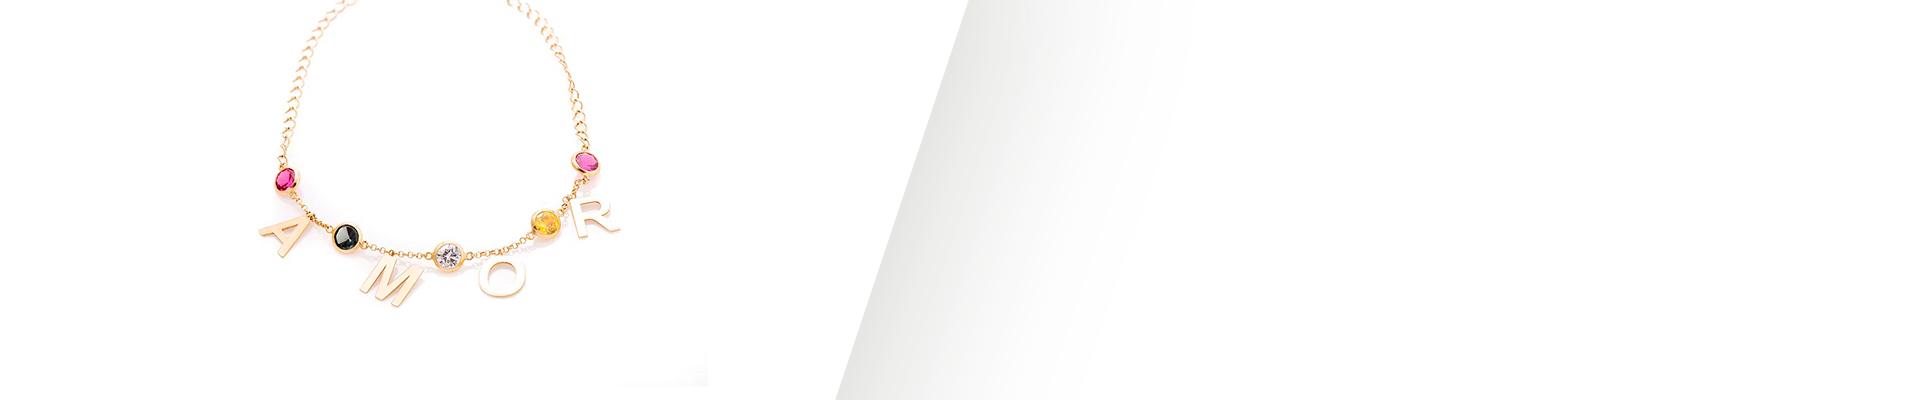 Banner Pulseira de Zircônia